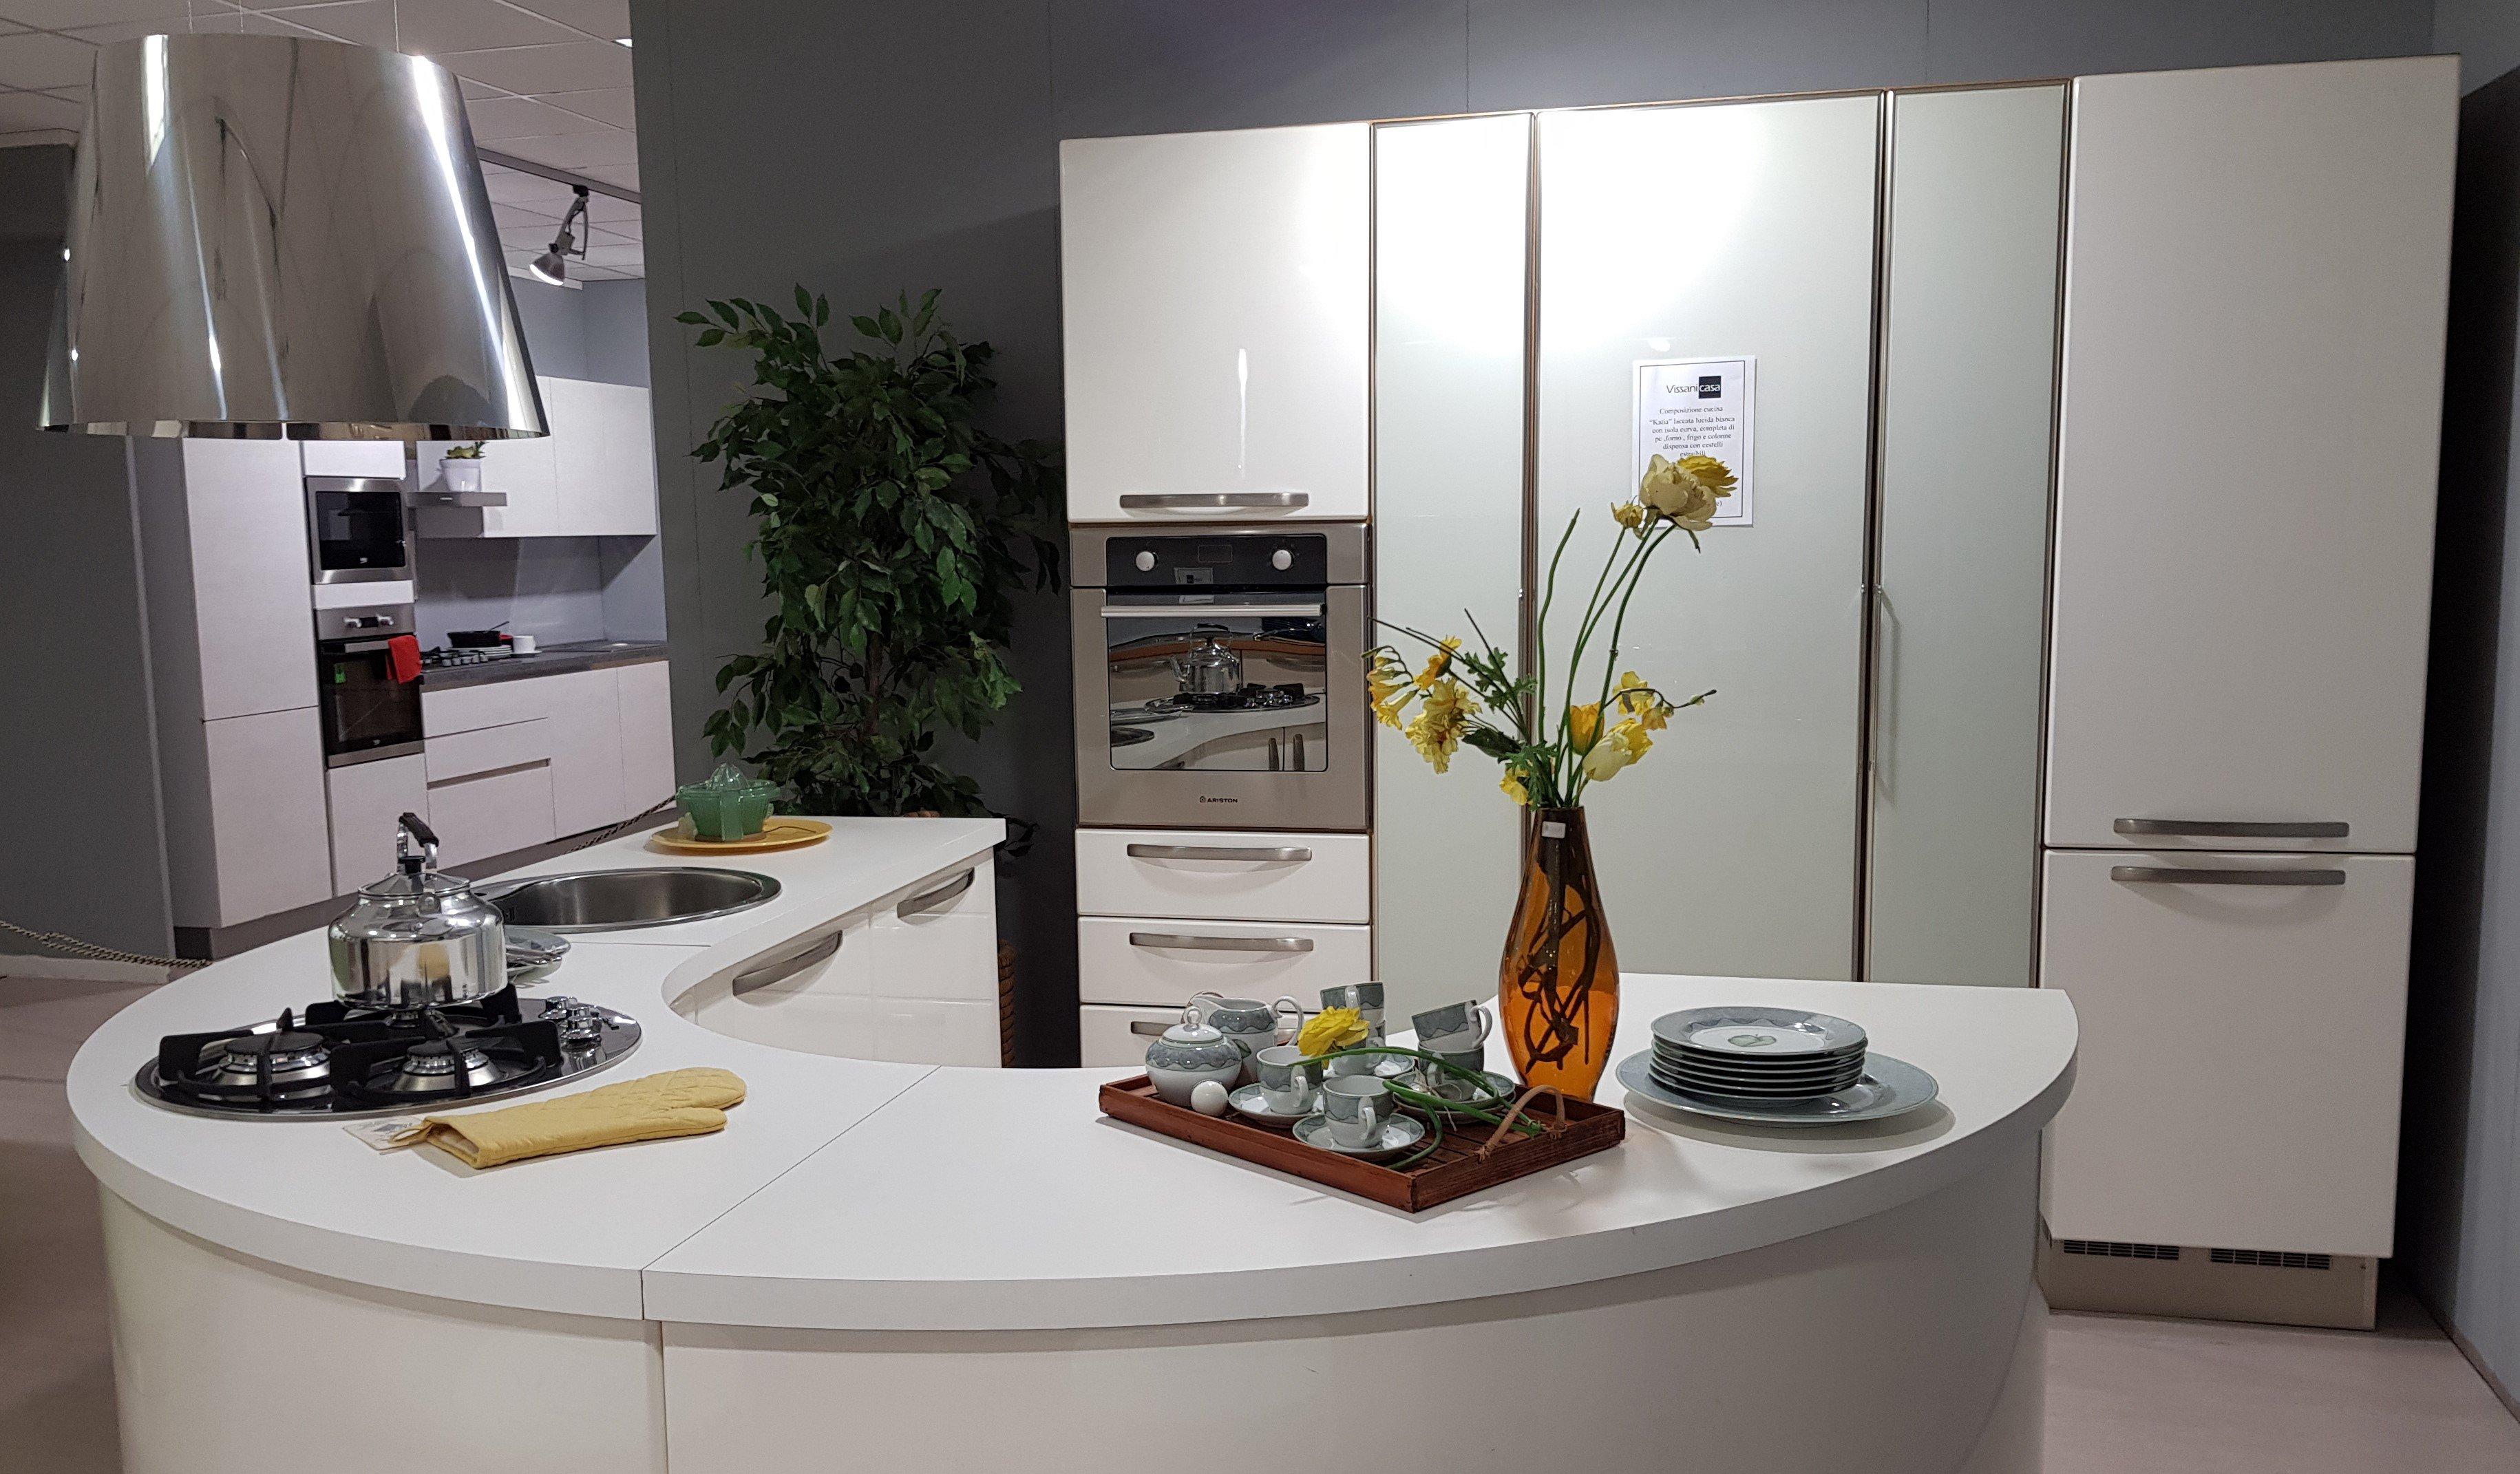 Cucina Lube Modello Katia Prezzo : Cucina lube katia bianco laccato lucido vissani casa